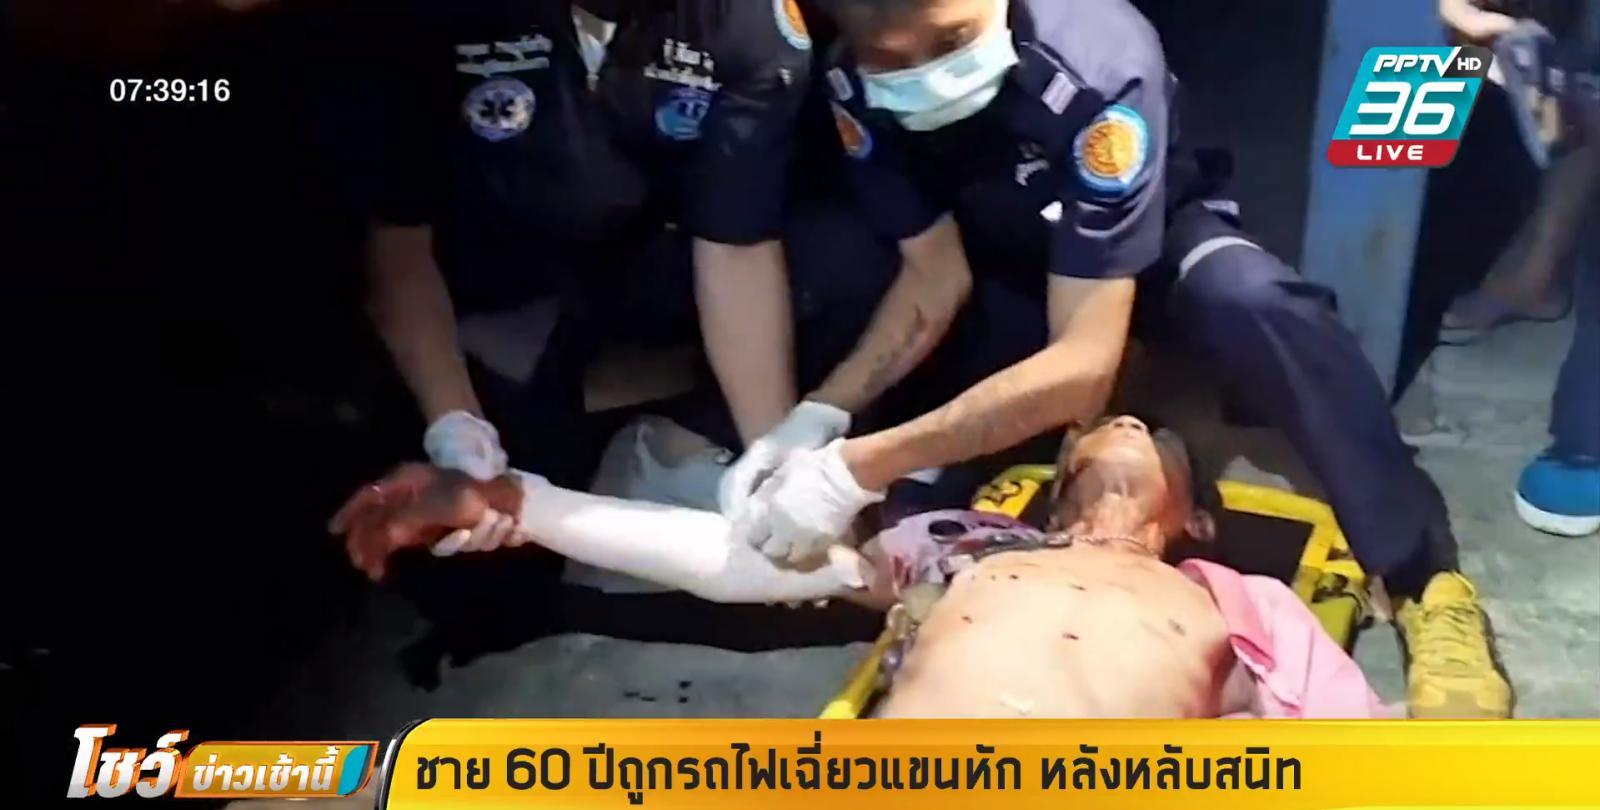 ชายวัย 60 ถูกรถไฟเฉี่ยวแขนหัก หลังหลับสนิทริมทาง